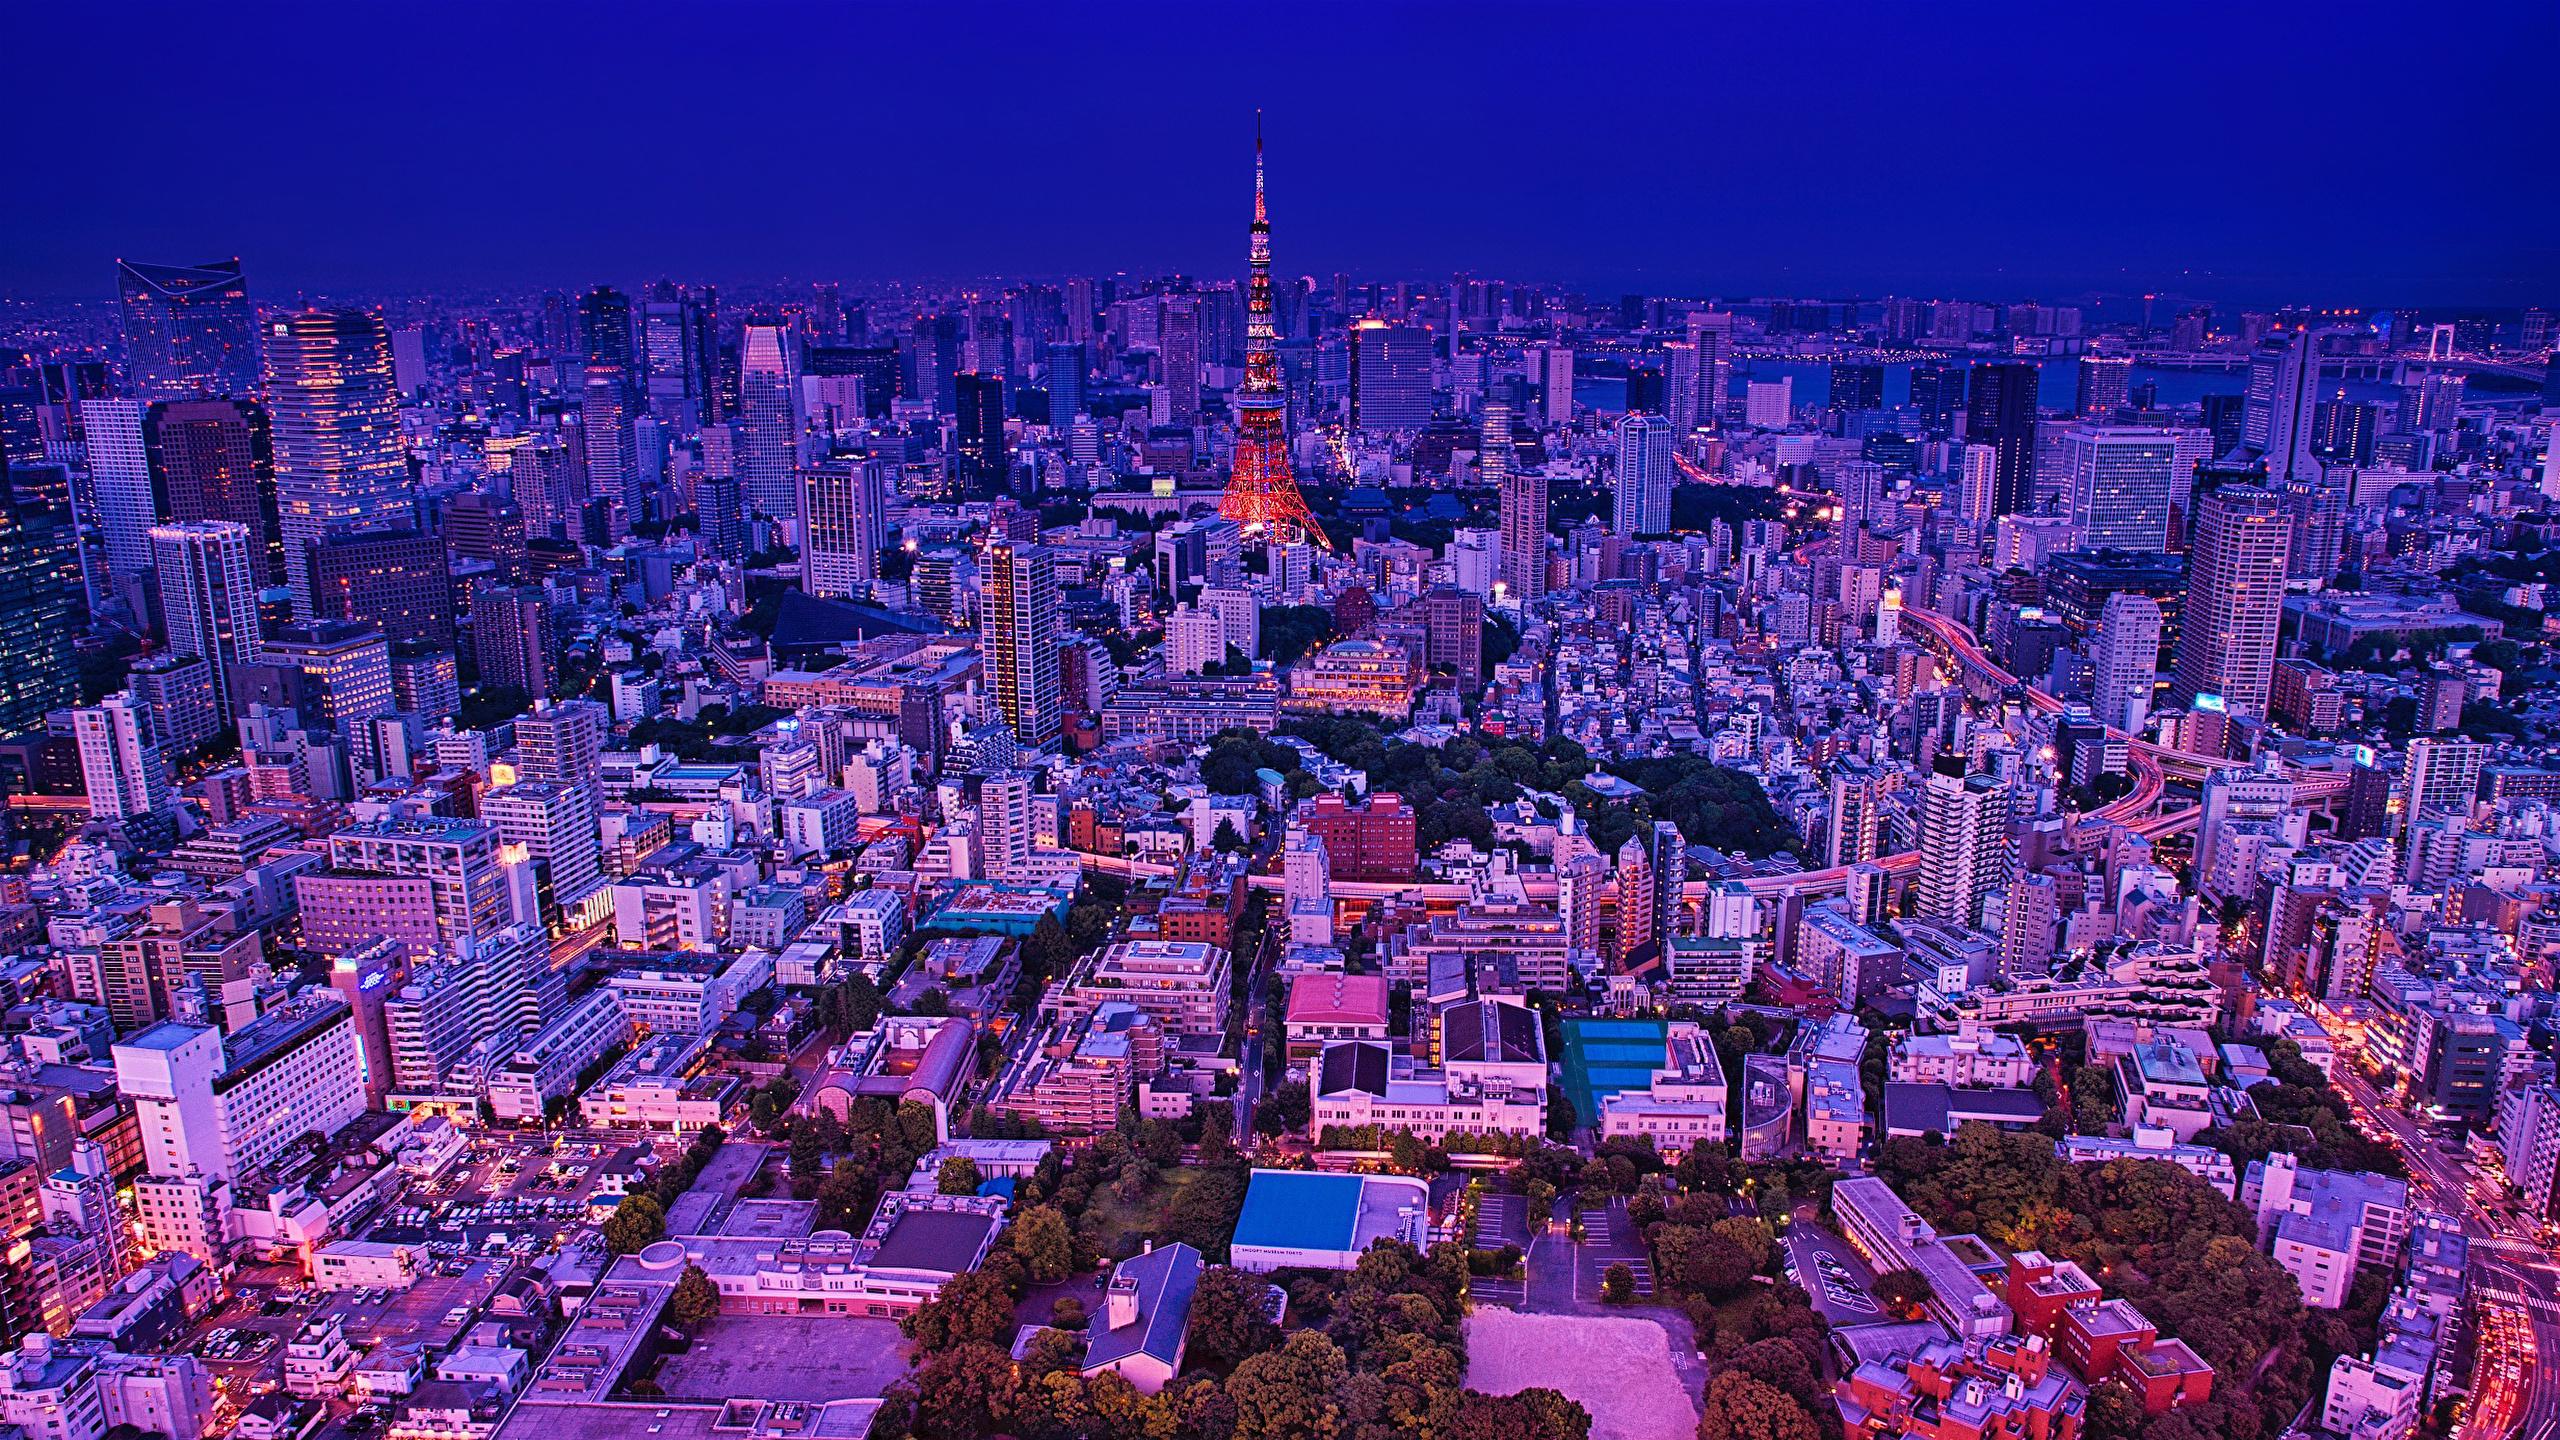 壁紙 2560x1440 日本 東京都 住宅 夕 メガロポリス 都市 ダウンロード 写真